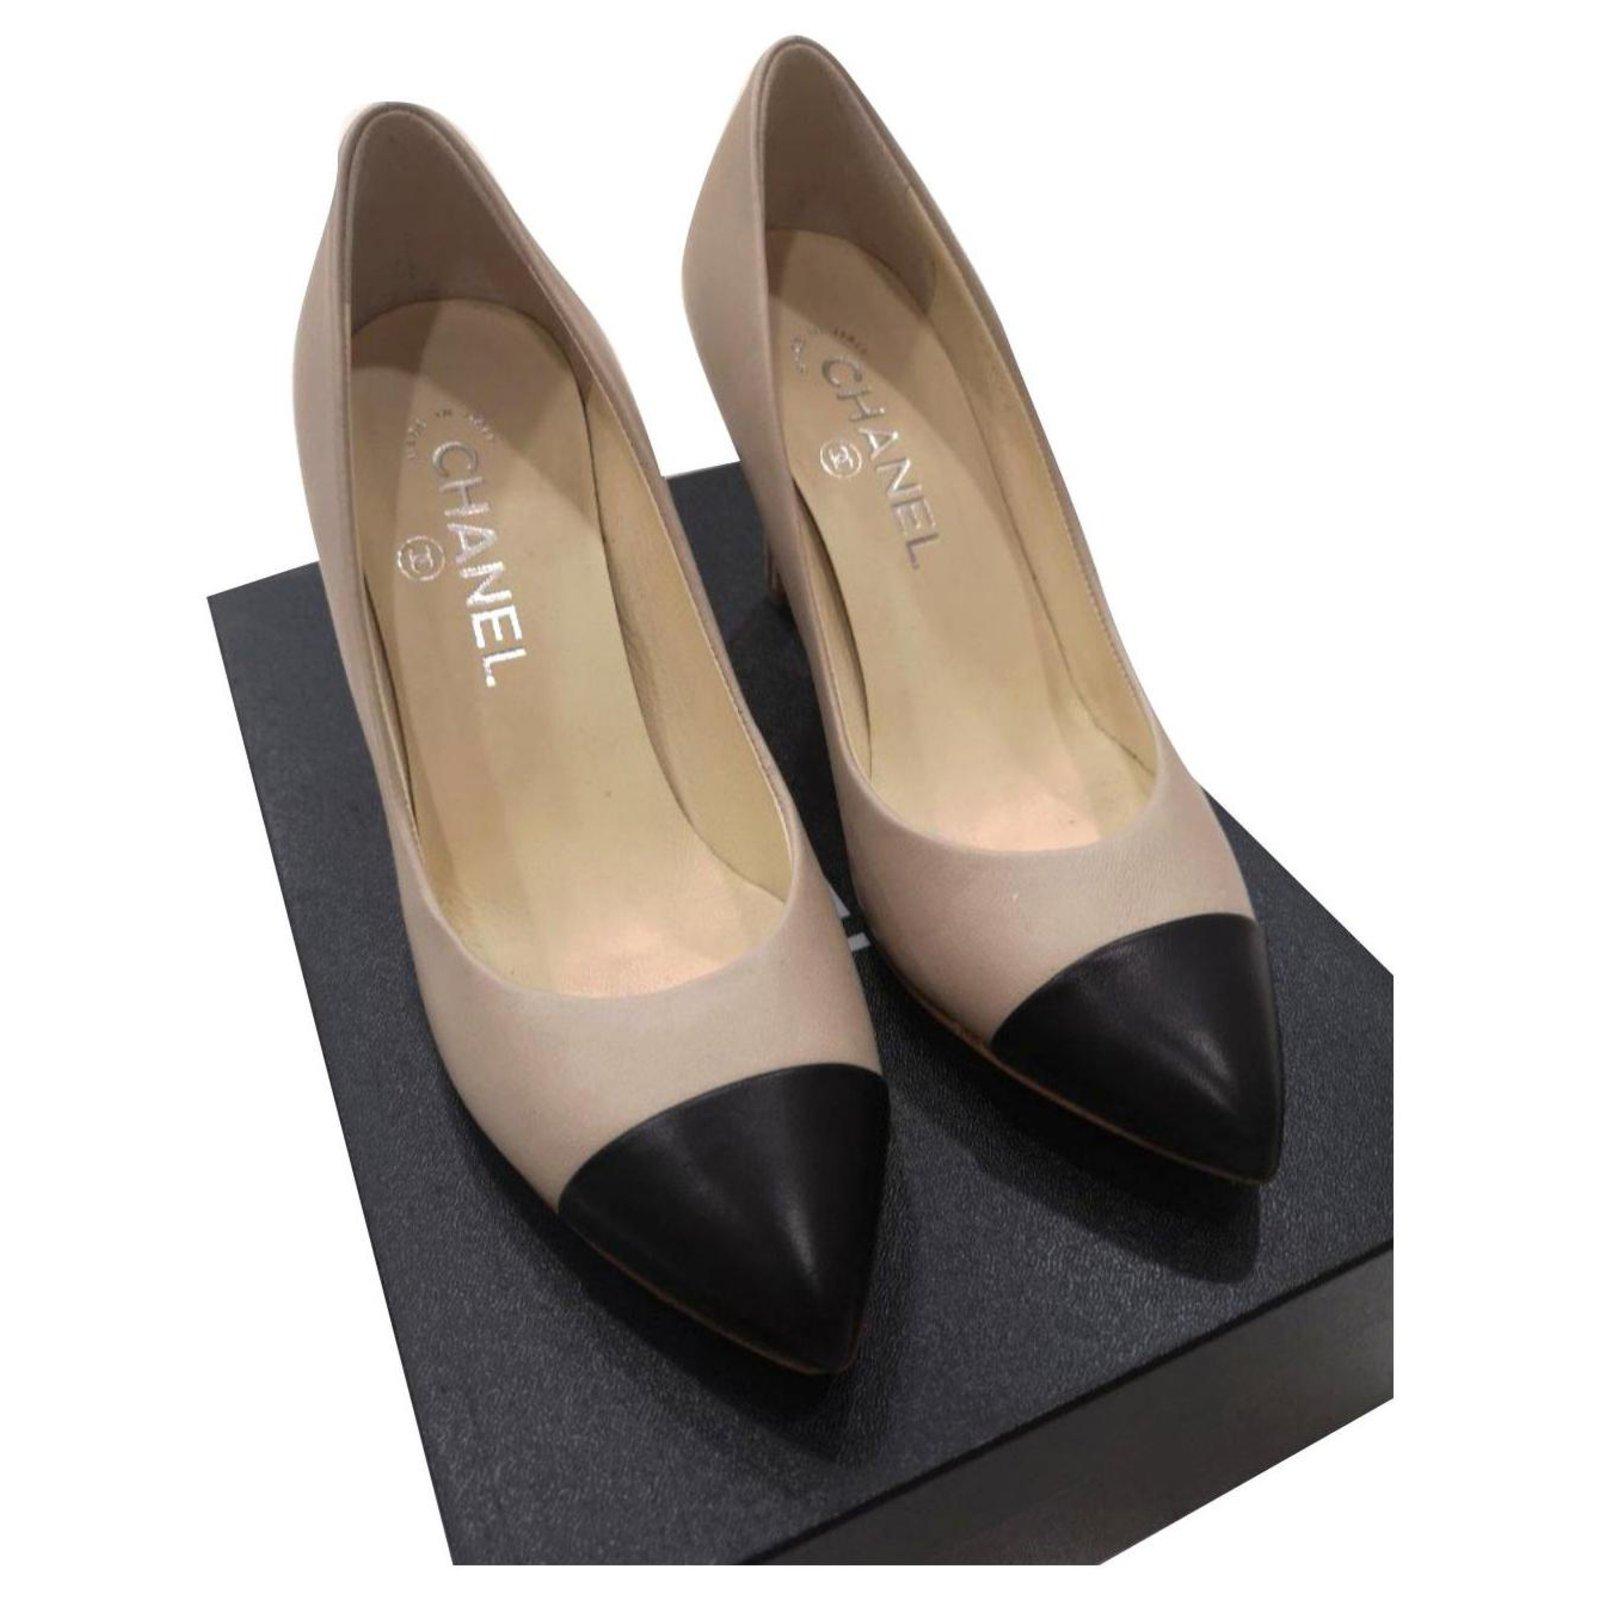 black heels pumps shoes EU37